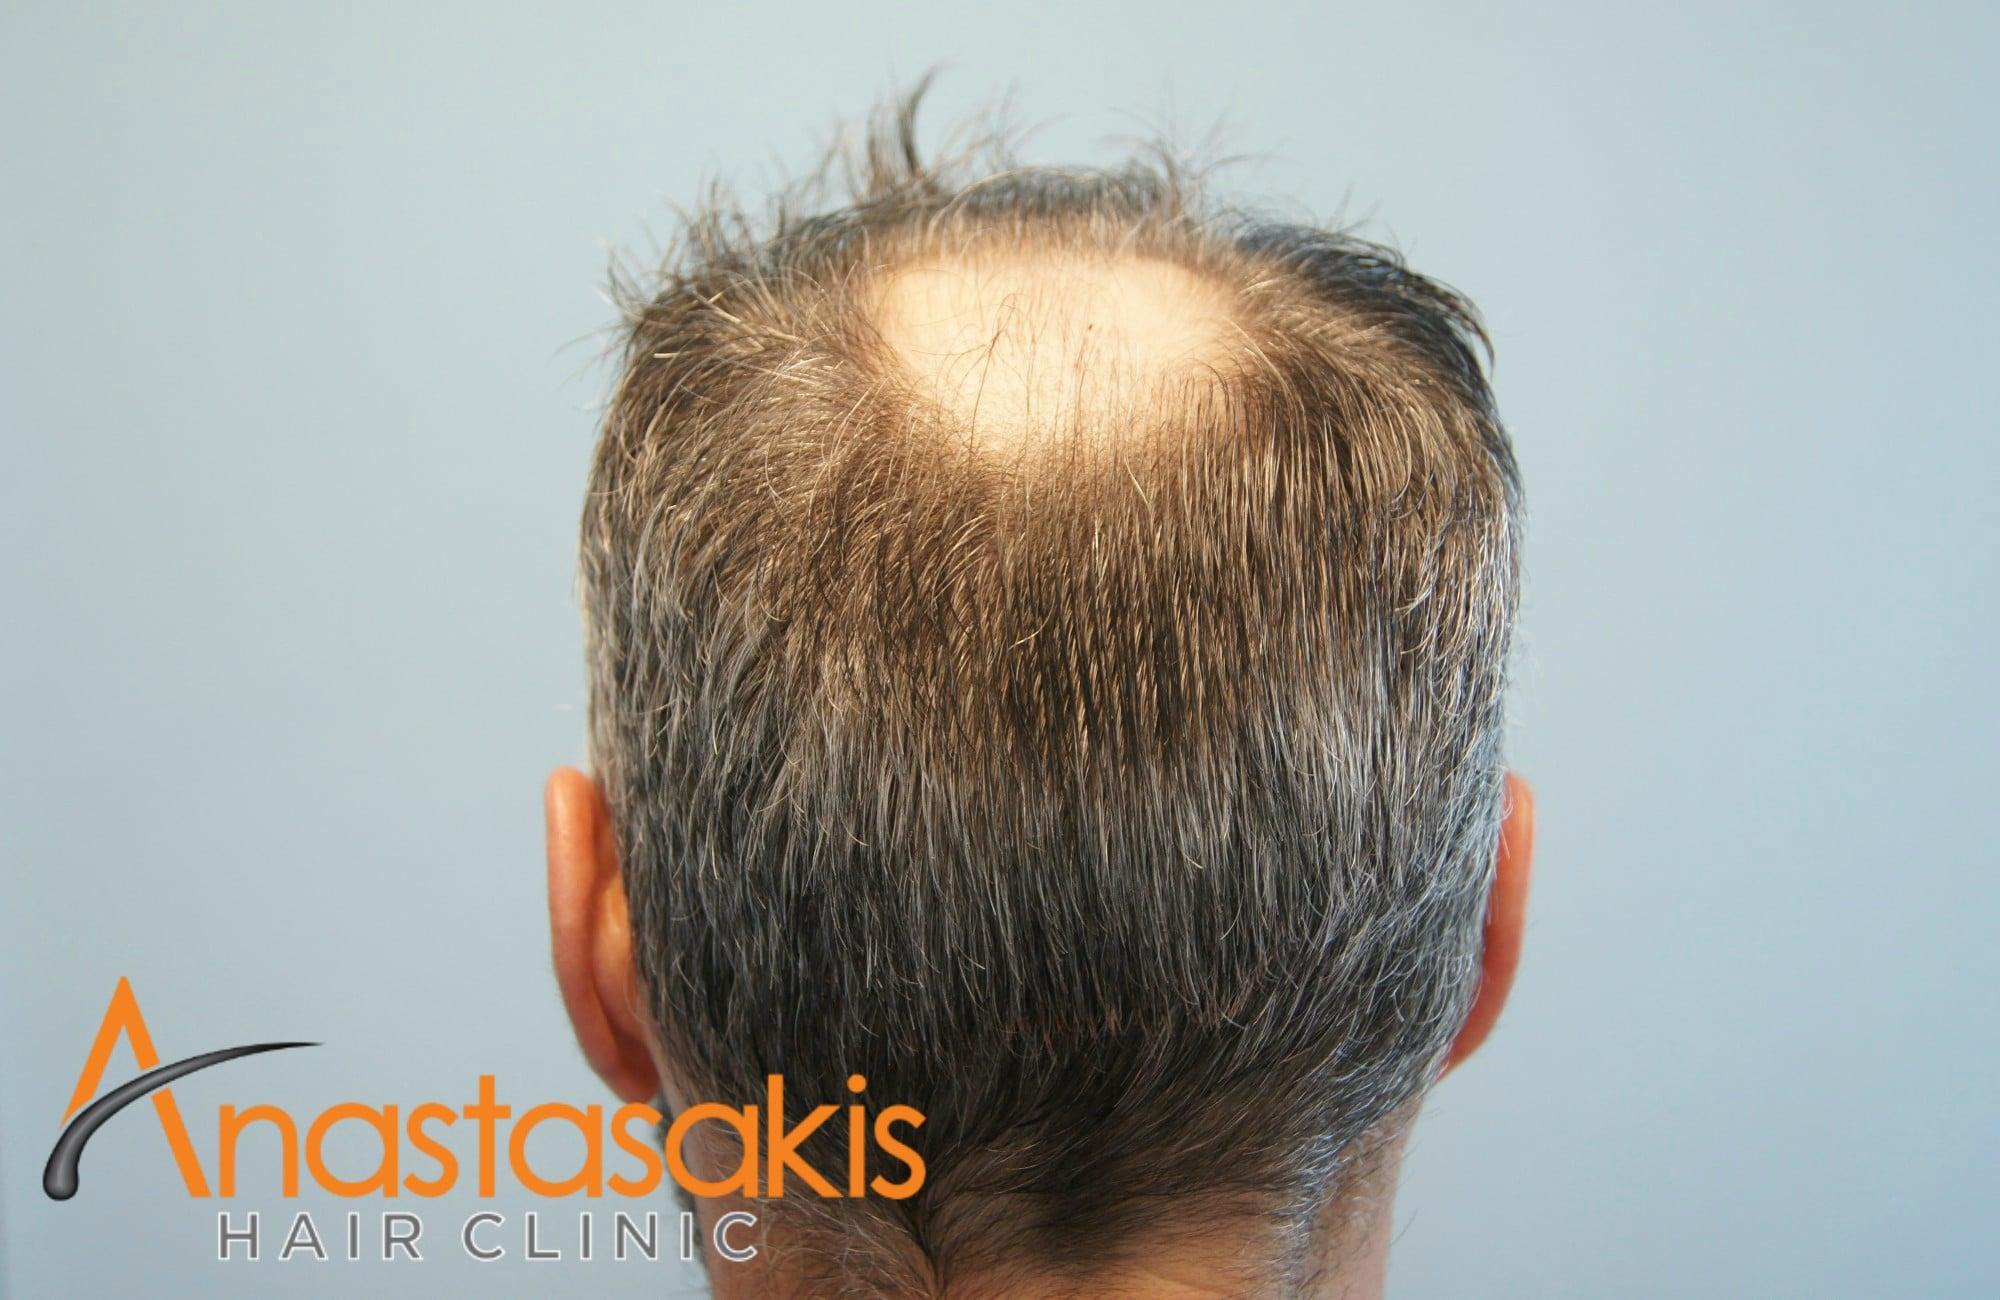 κορυφή ασθενους πριν τη μεταμόσχευσή μαλλιών με 3500 fus